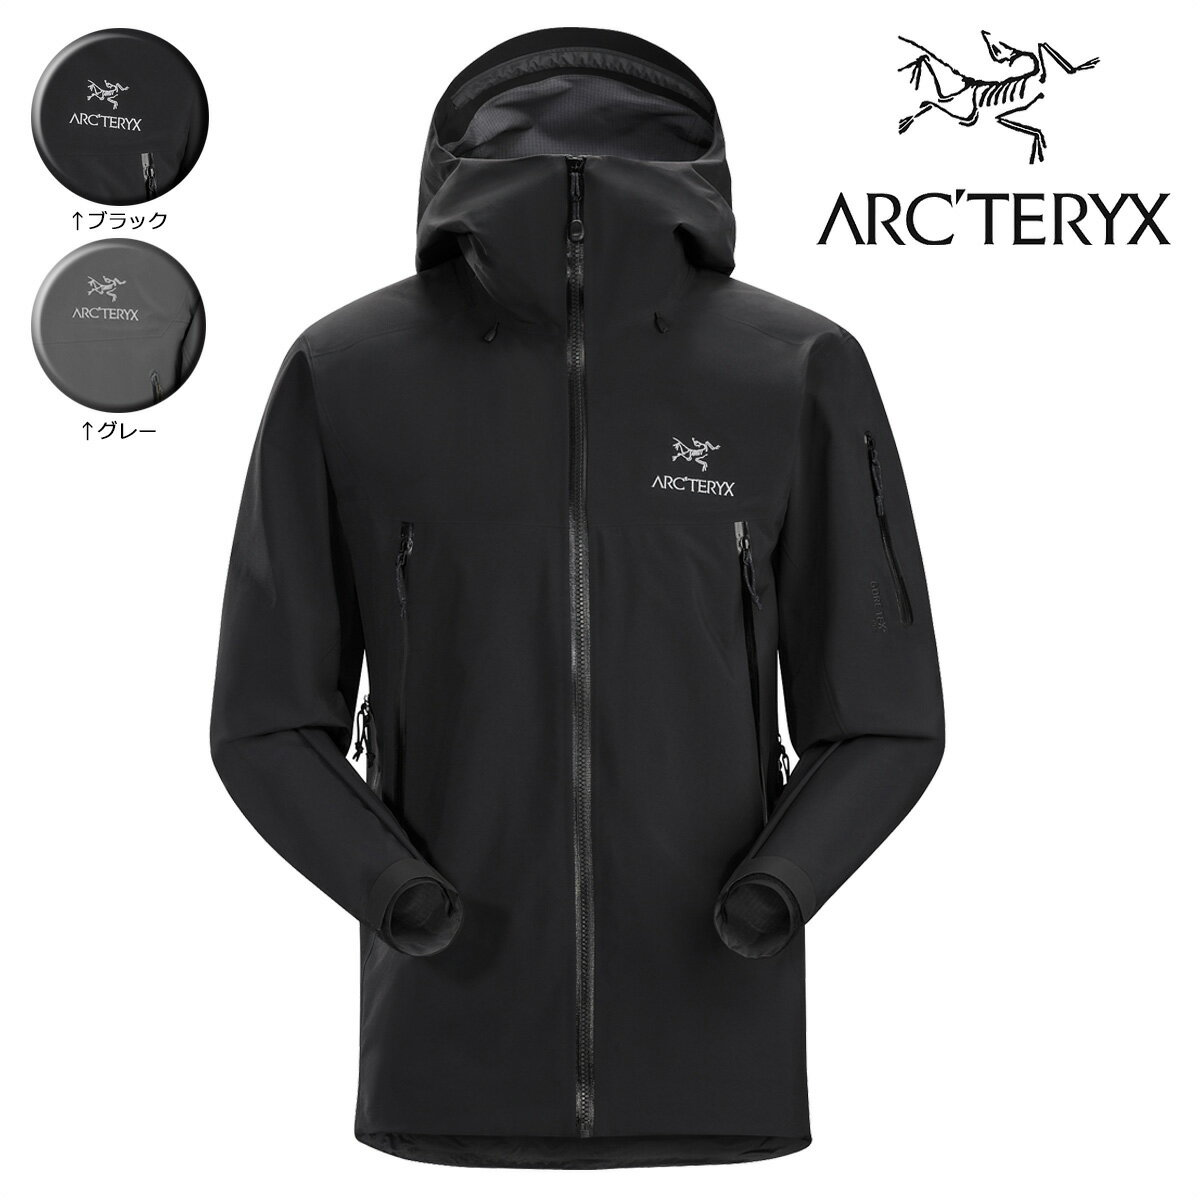 【最大2000円OFFクーポン】 ARCTERYX アークテリクス ジャケット ベータ メンズ BETA SV JACKET ブラック 黒 18411